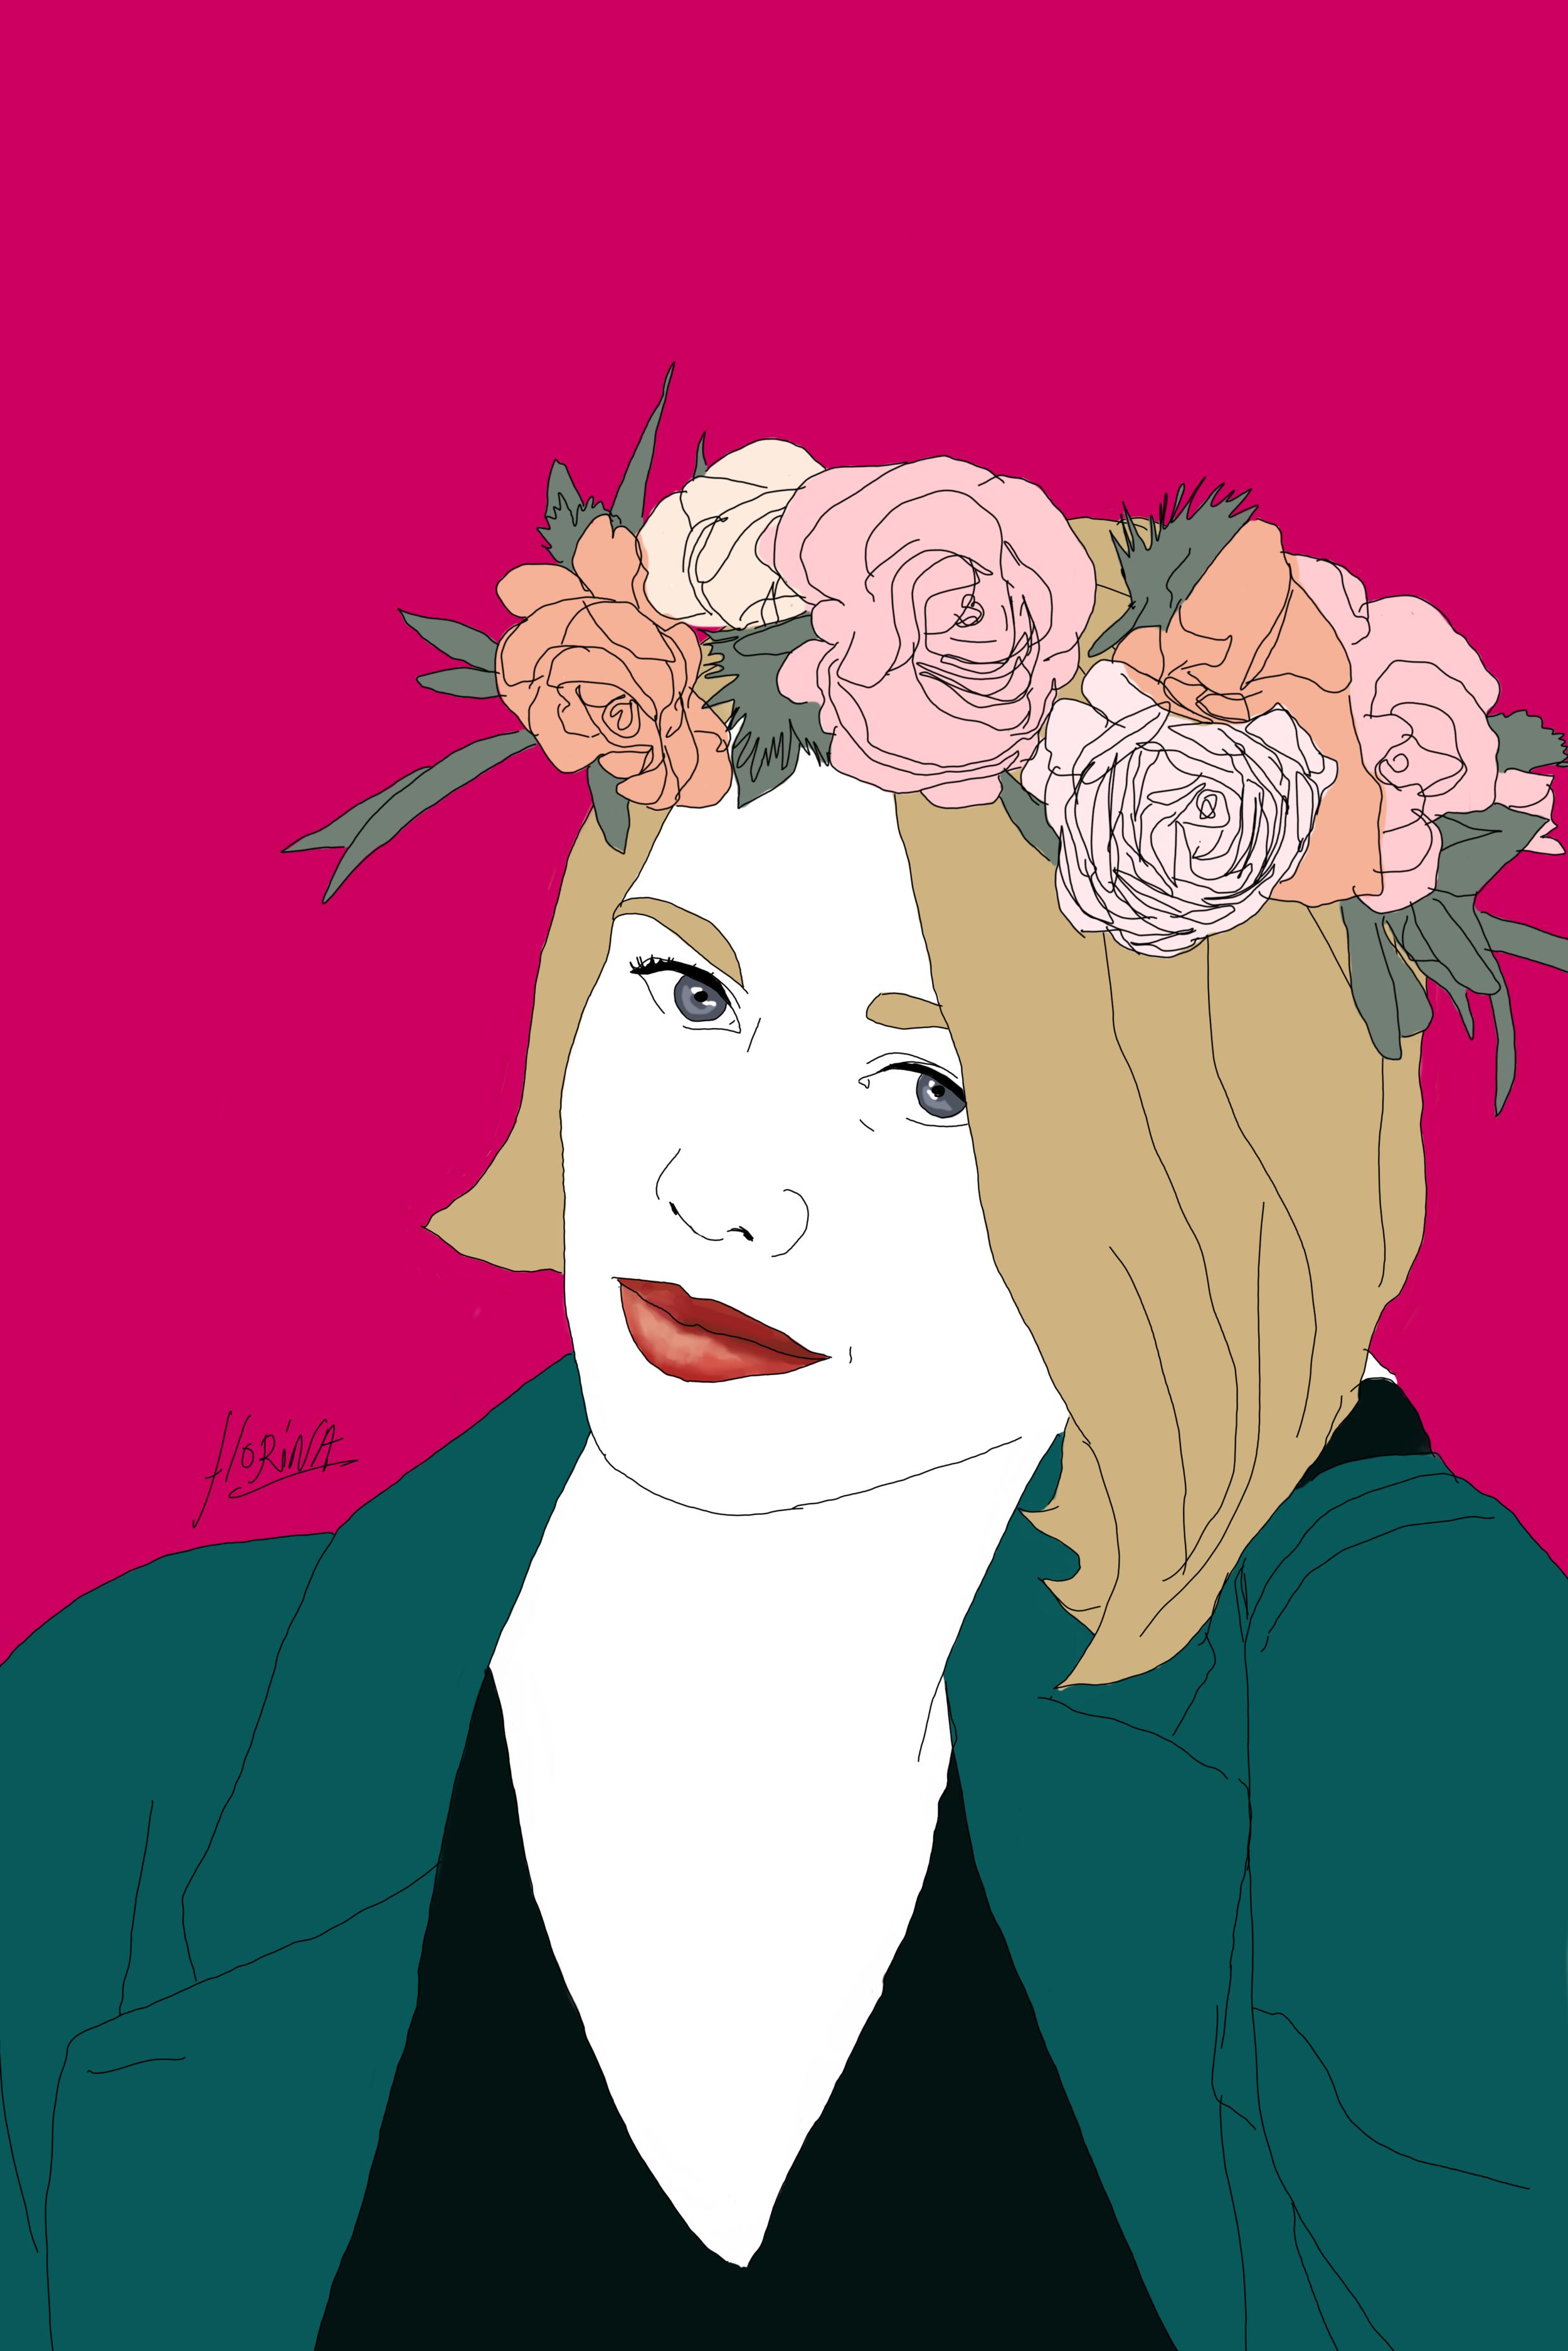 Lauren-Bastid_generationkahlo-florina.png